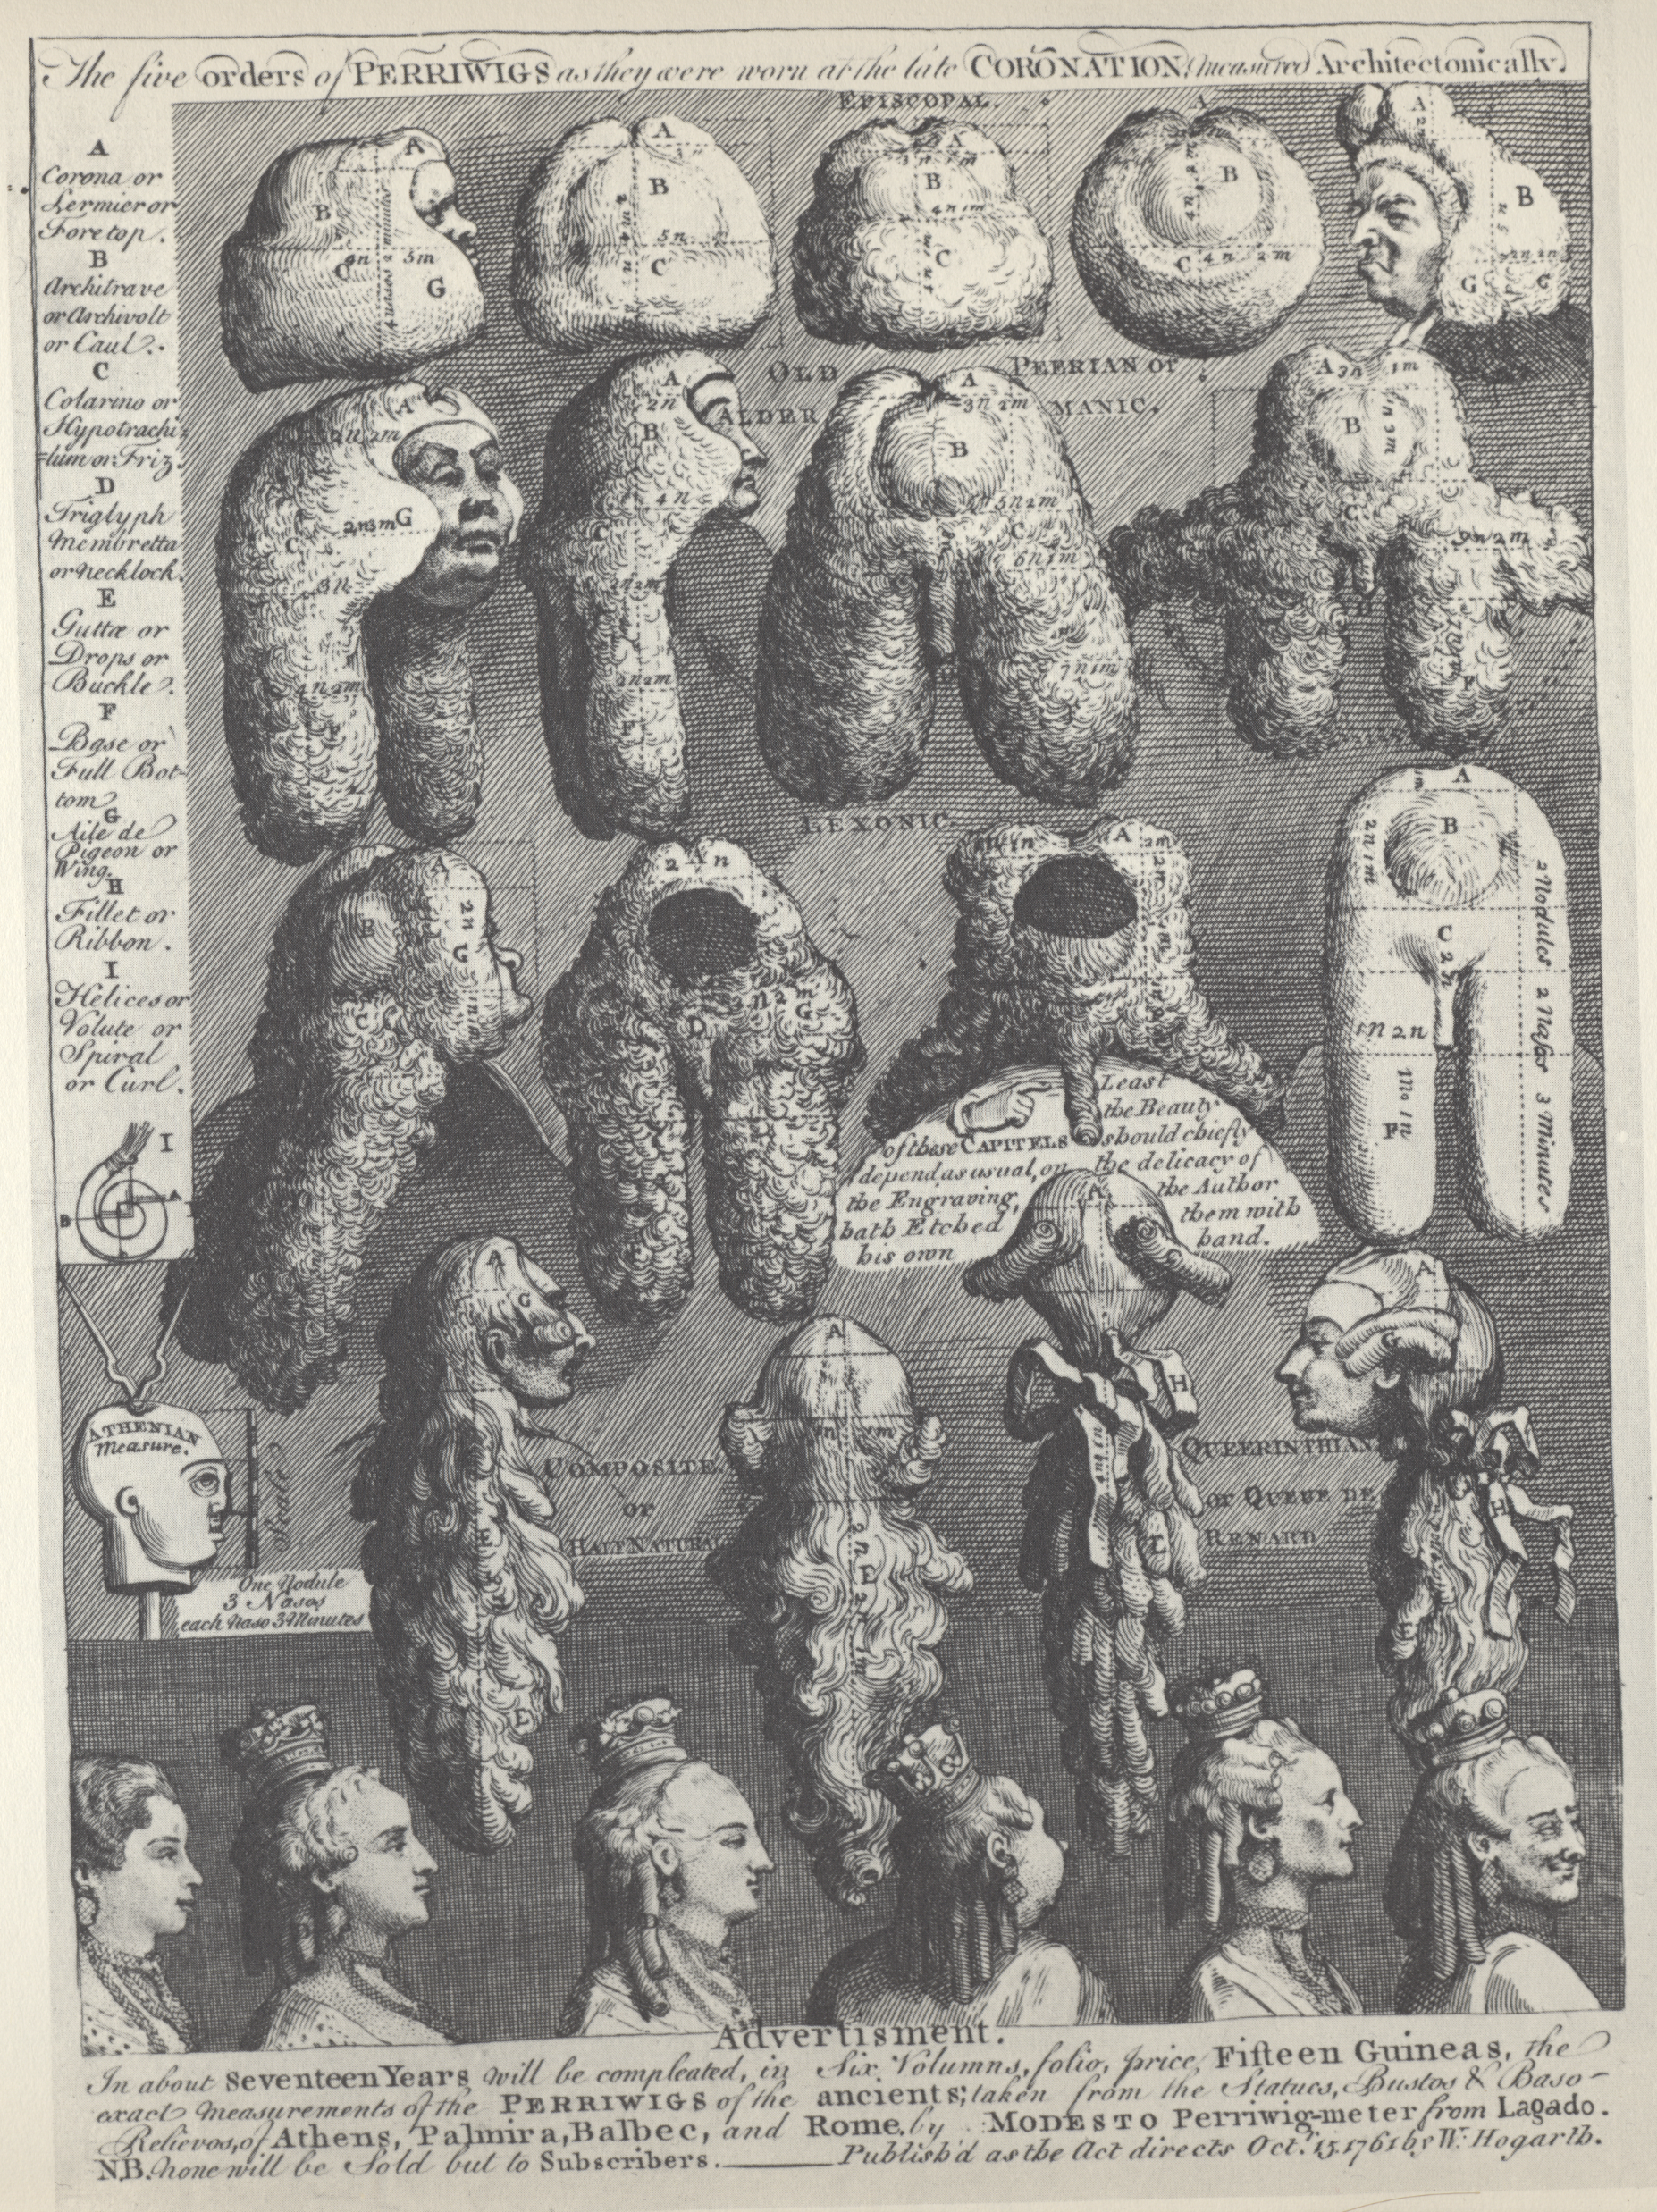 Pet redov lasulj na grafiki iz leta 1761. Vir: Wikipedia.